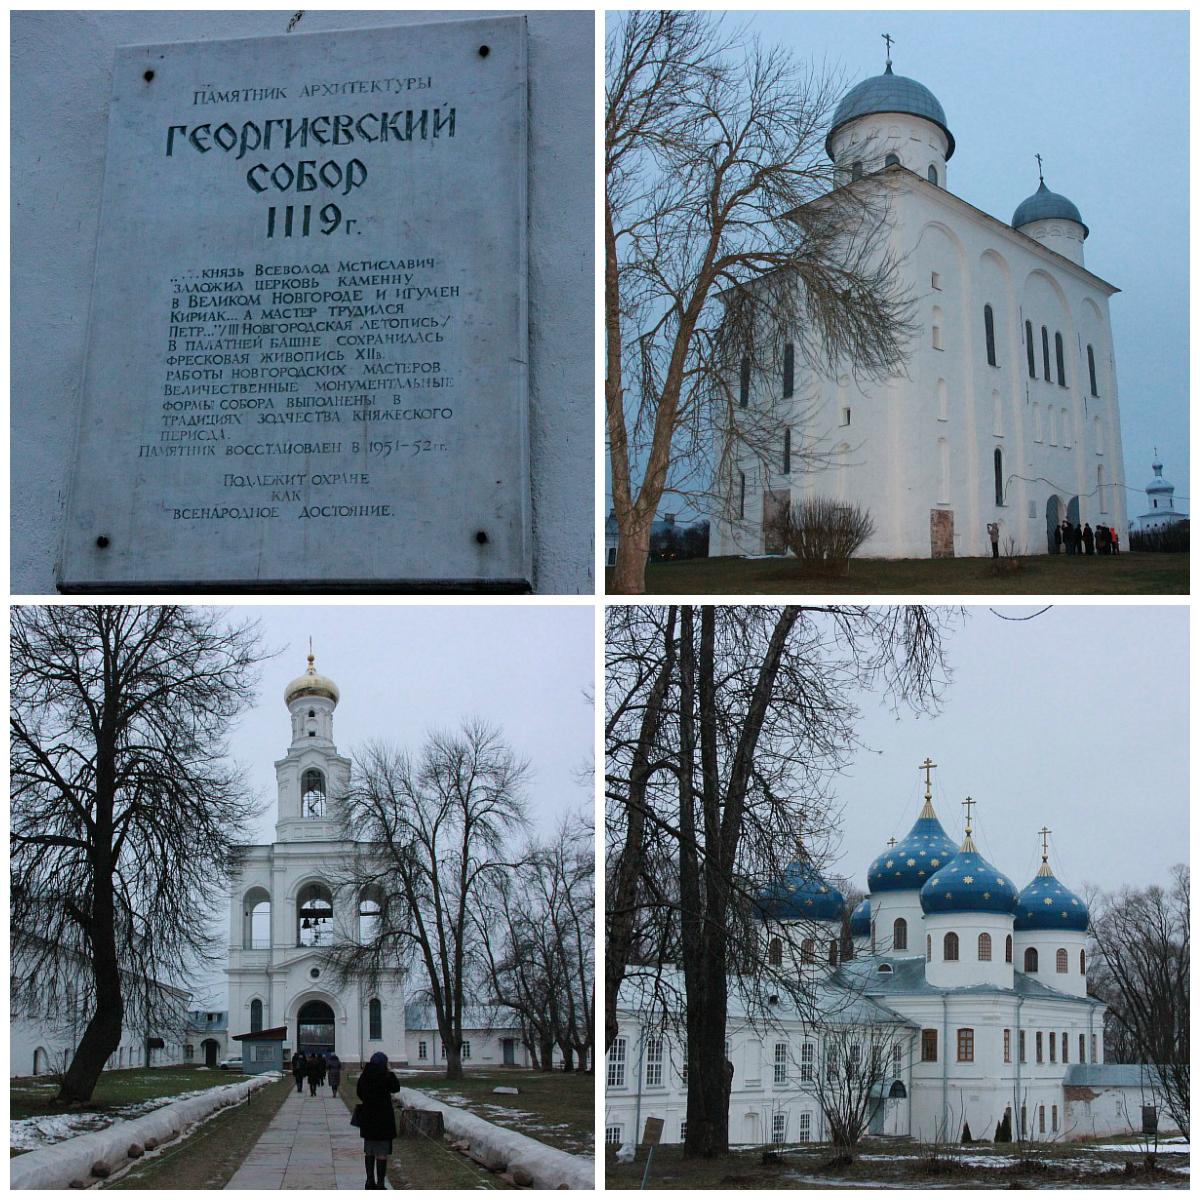 Свадебный поезд, Великий Новгород, путешествия, фотография, Аксанов Нияз, kukmor, of IMG_4866